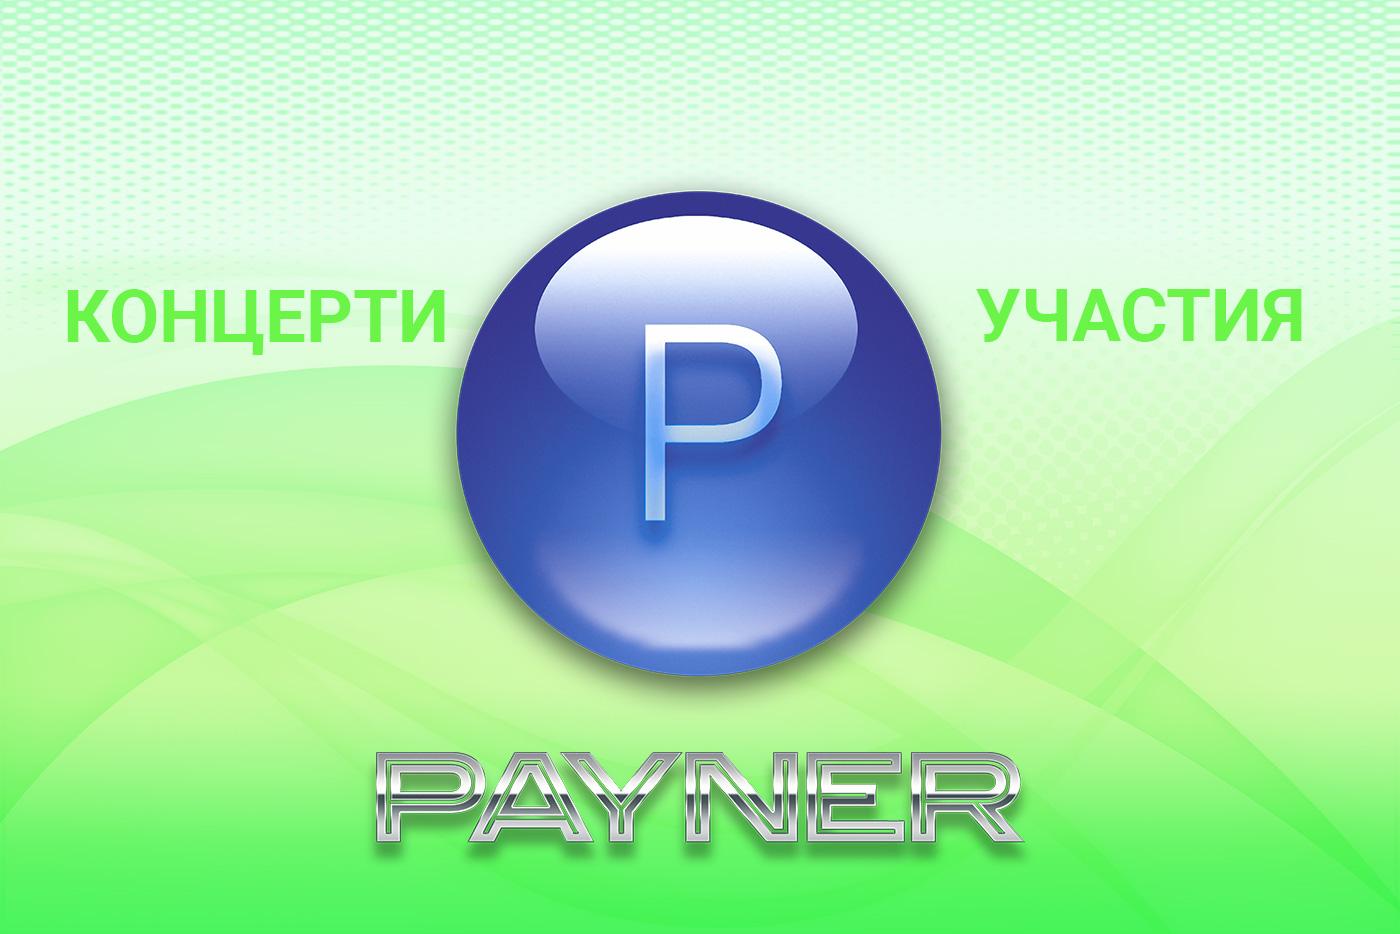 """Участия на звездите на """"Пайнер"""" на 23.07.2020"""